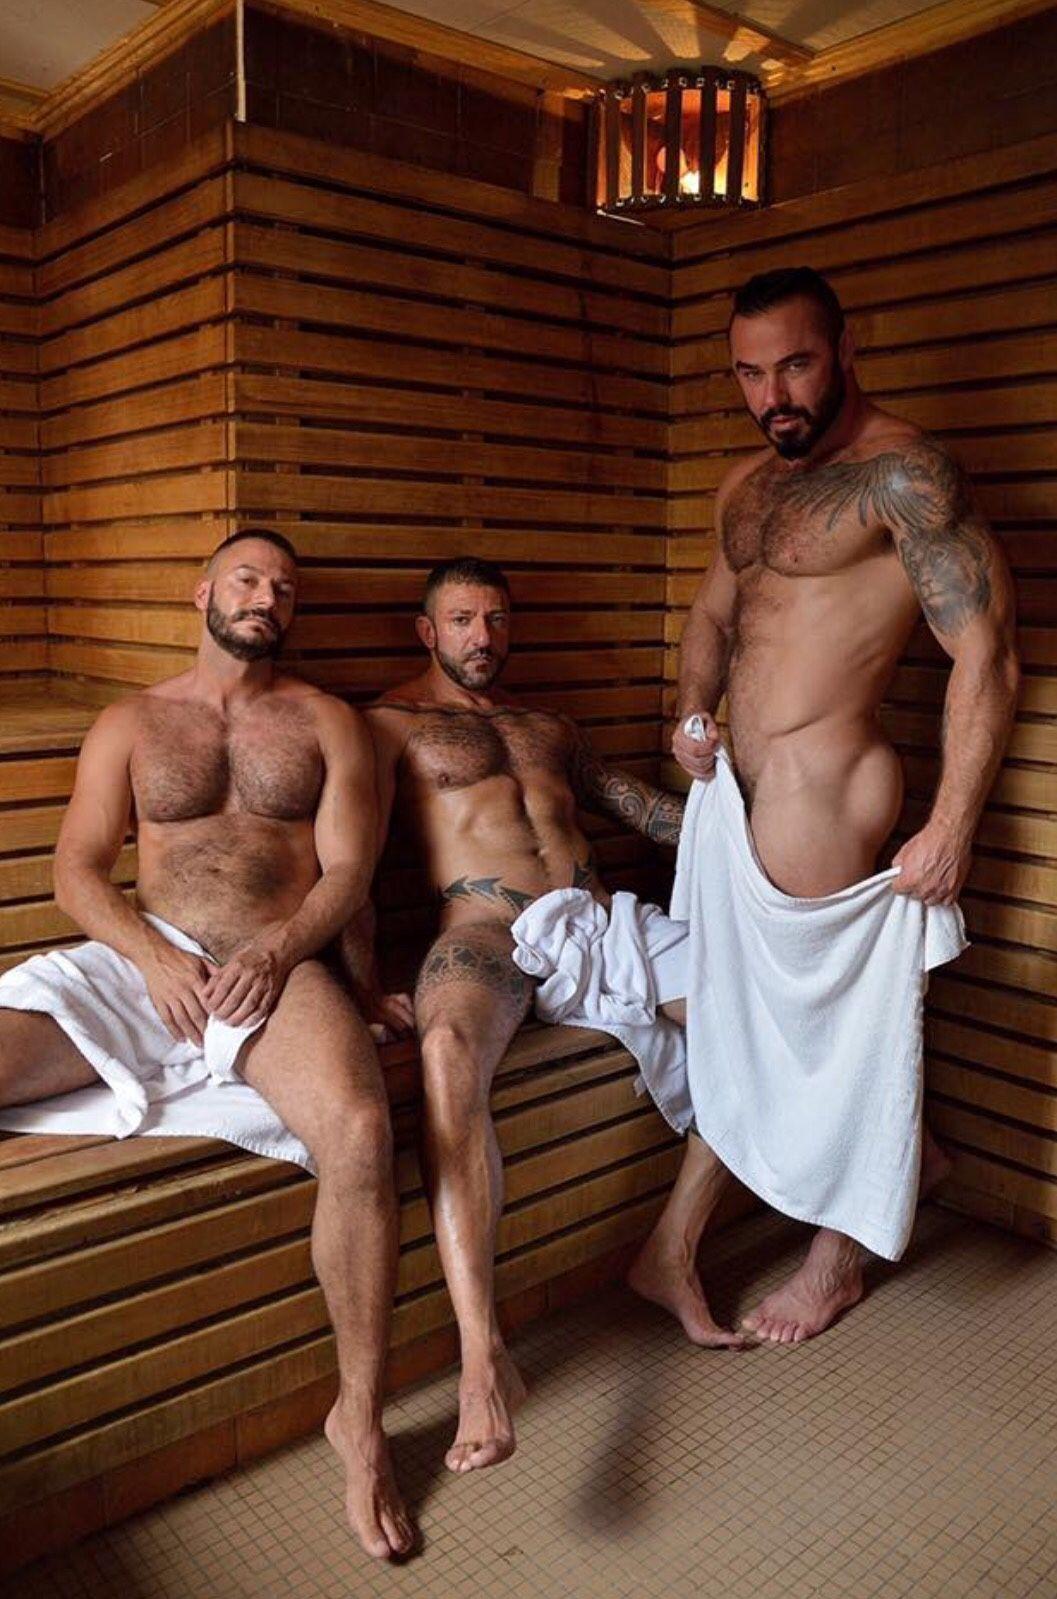 Обнаженные Мужчины В Сауне